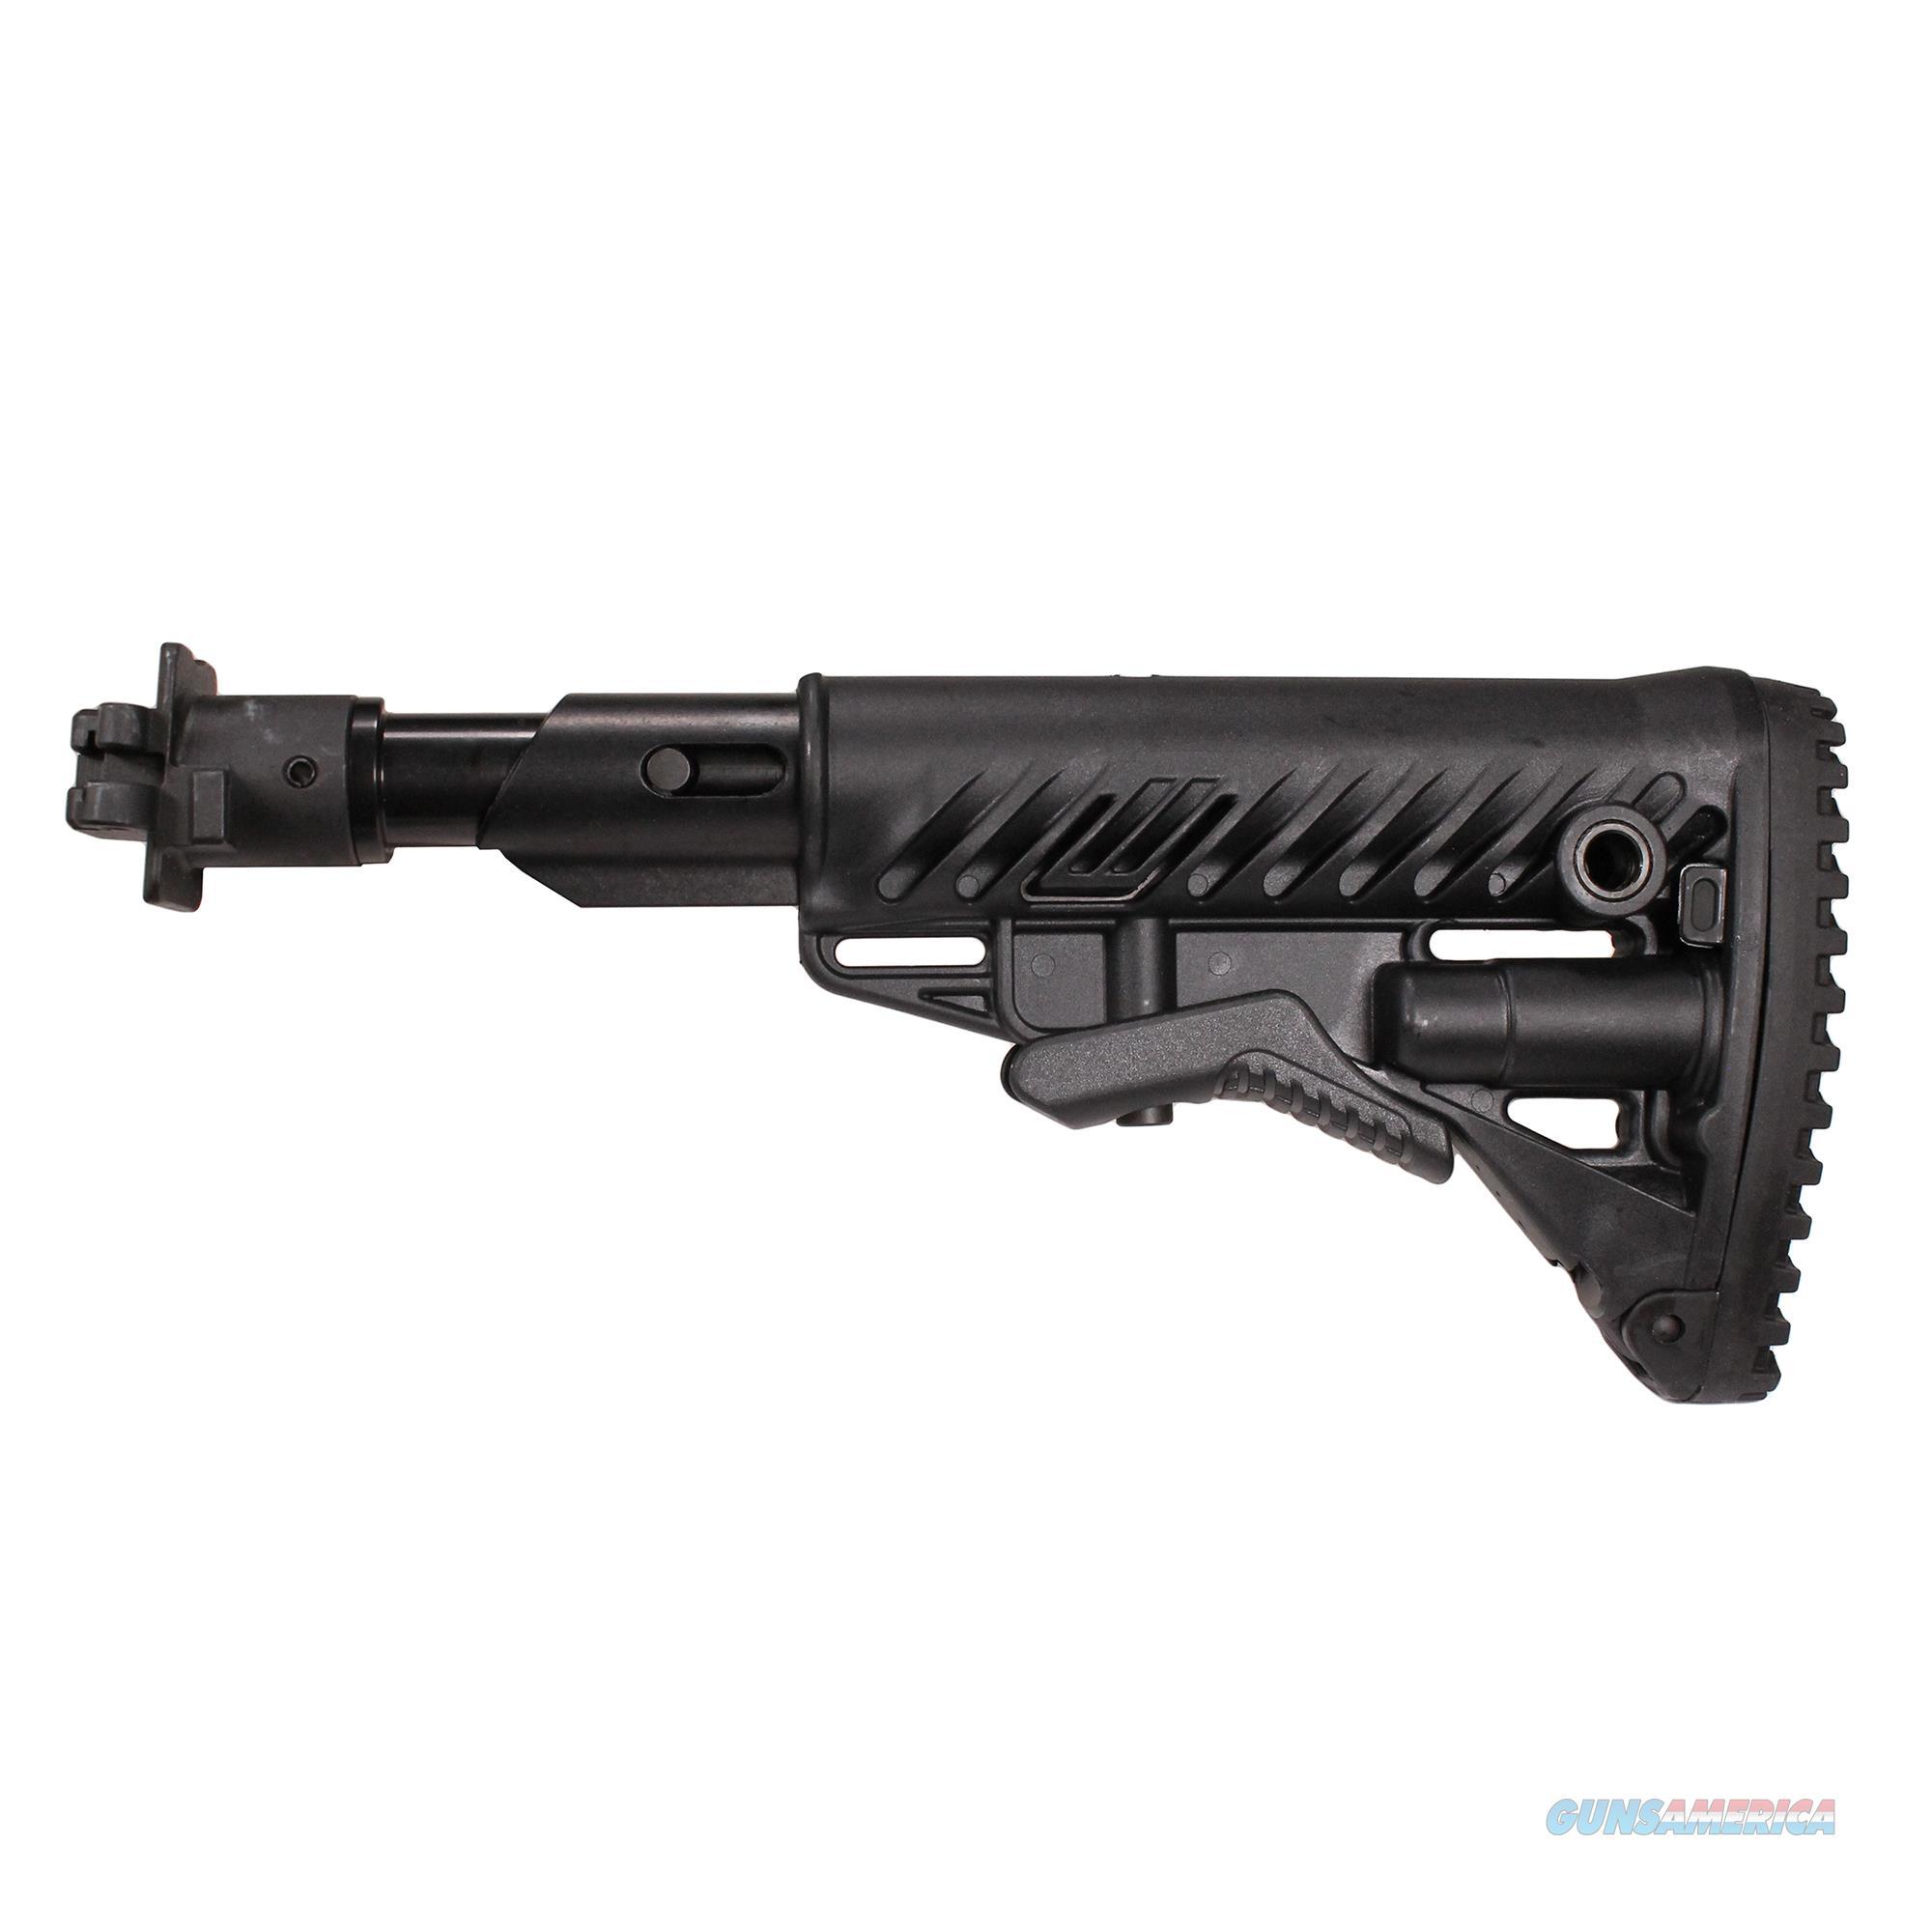 Mako Group M4 Collapsible Shock Absorbing Buttstock, Vepr 12 Molot, Black M4VEPR-FKSB-B  Non-Guns > Gunstocks, Grips & Wood